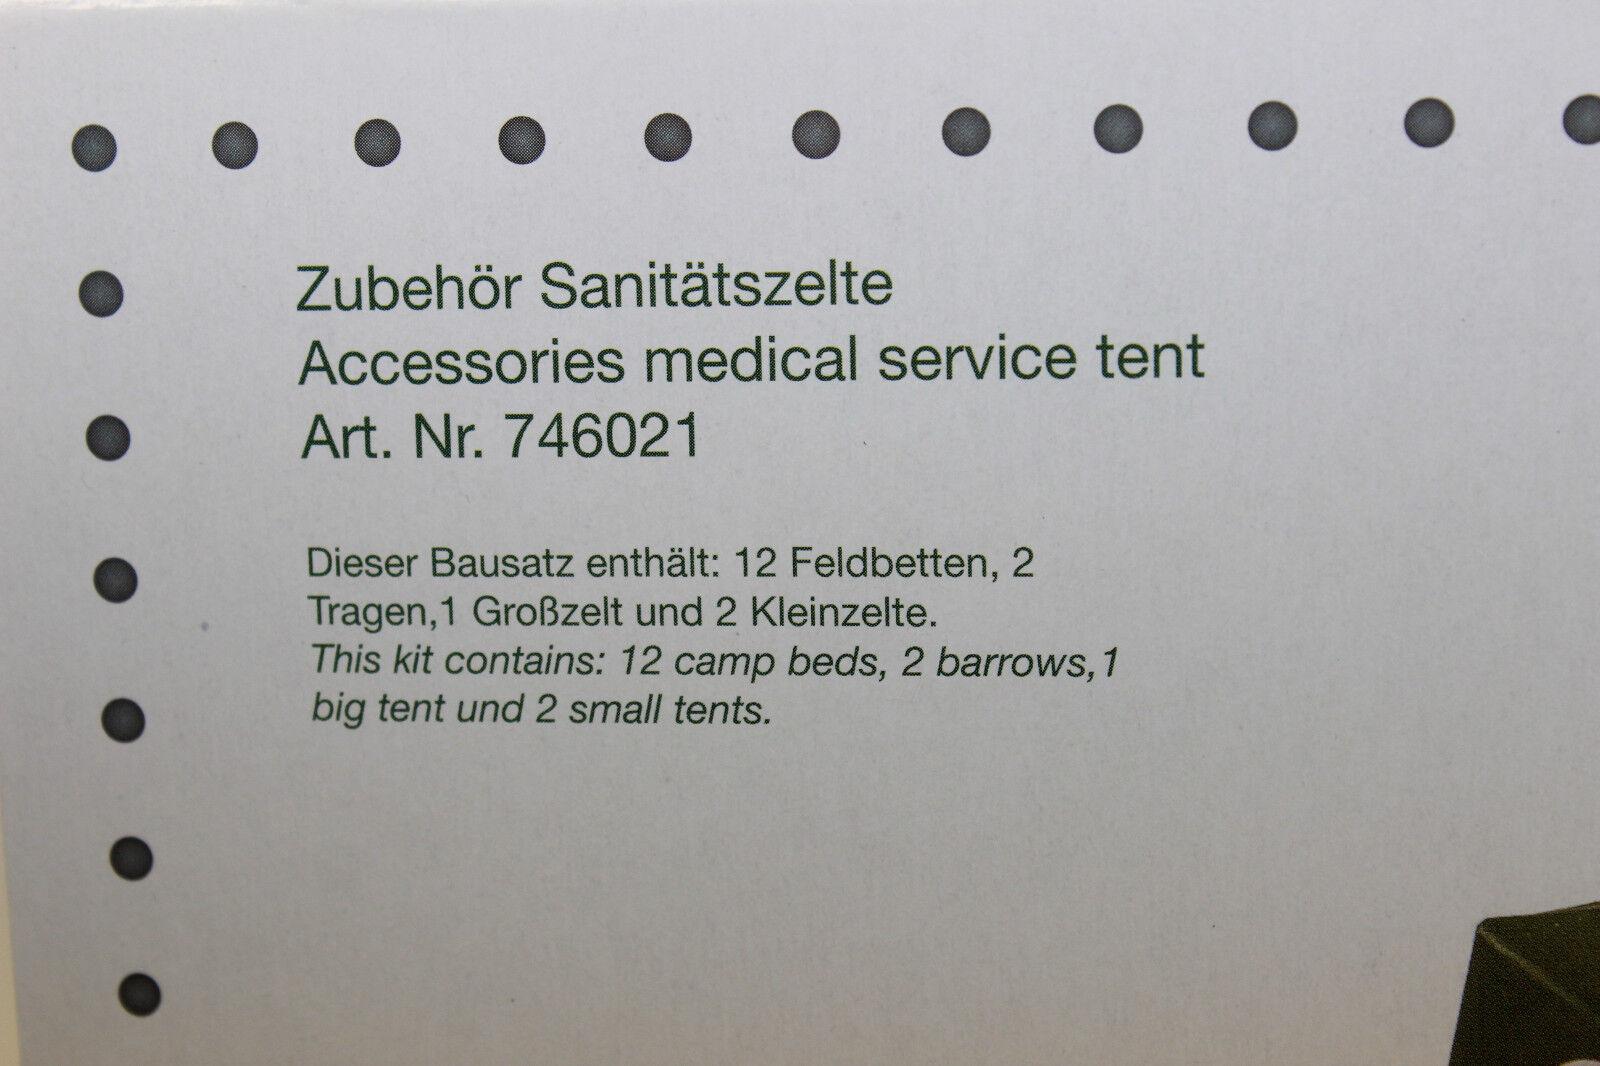 Herpa 746021 ACCESSORI NUOVO sanitätszelte 1:87 h0 NUOVO ACCESSORI IN SCATOLA ORIGINALE 0dd88b